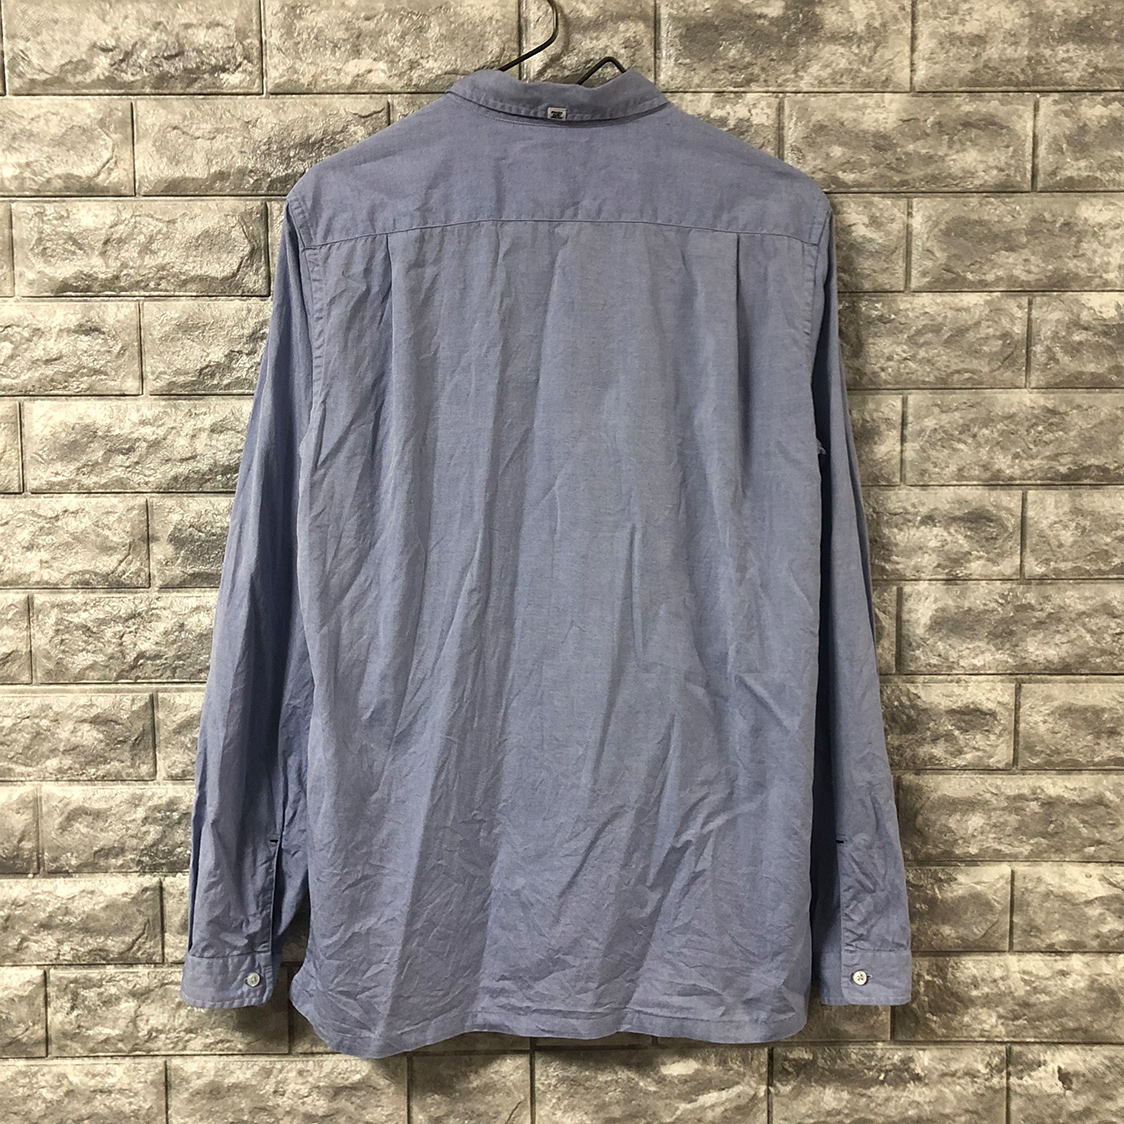 BEDWIN & THE HEARTBREAKERS ベドウィン アンド ザ ハートブレイカーズ 長袖シャツ 裾ポケット付き ブルー